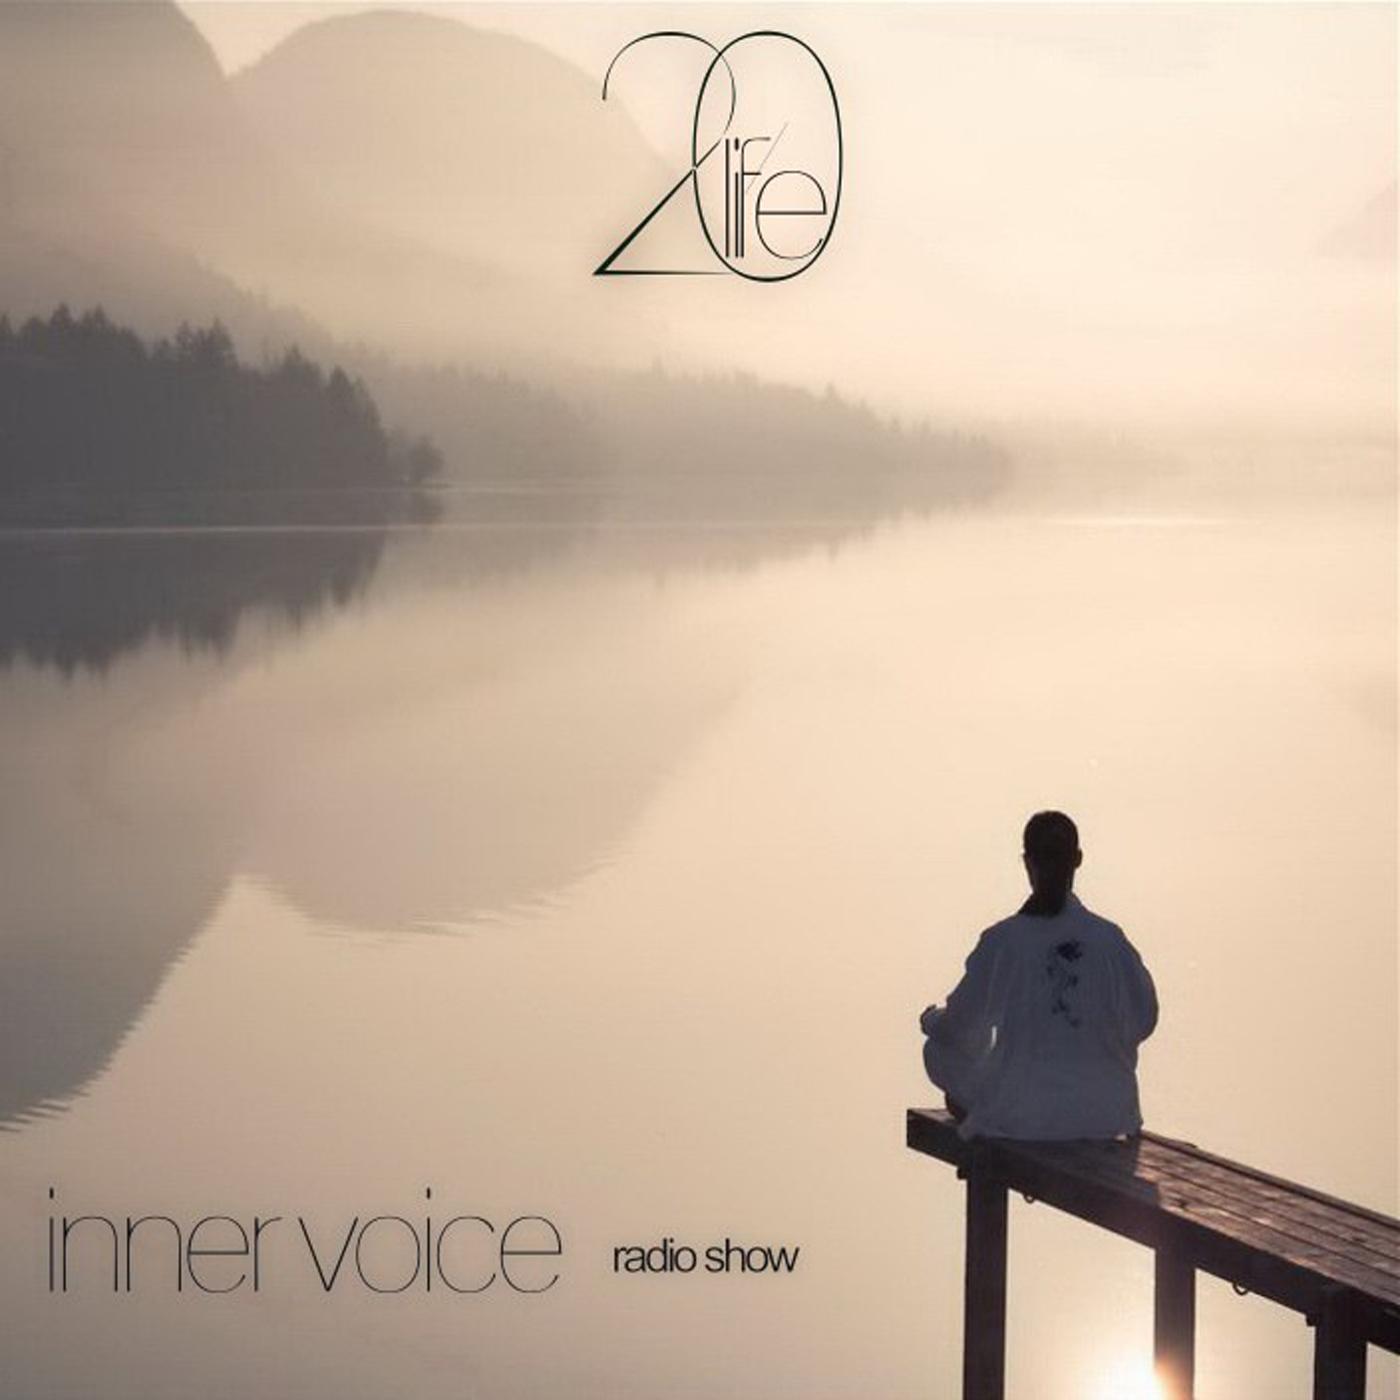 20 LIFE - Inner Voice